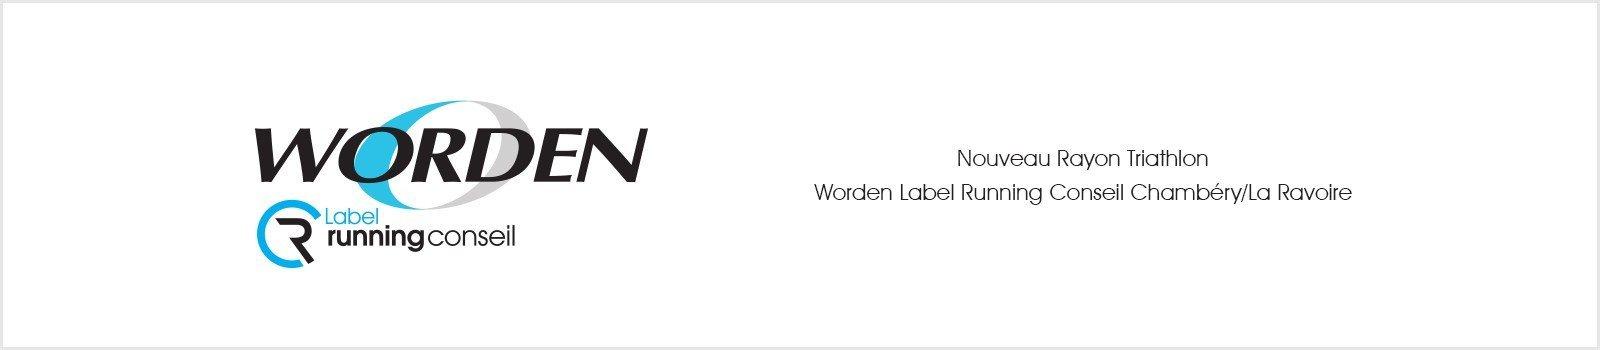 Nouveau Rayon Triathlon chez Worden Label Running Conseil Chambéry/La Ravoire